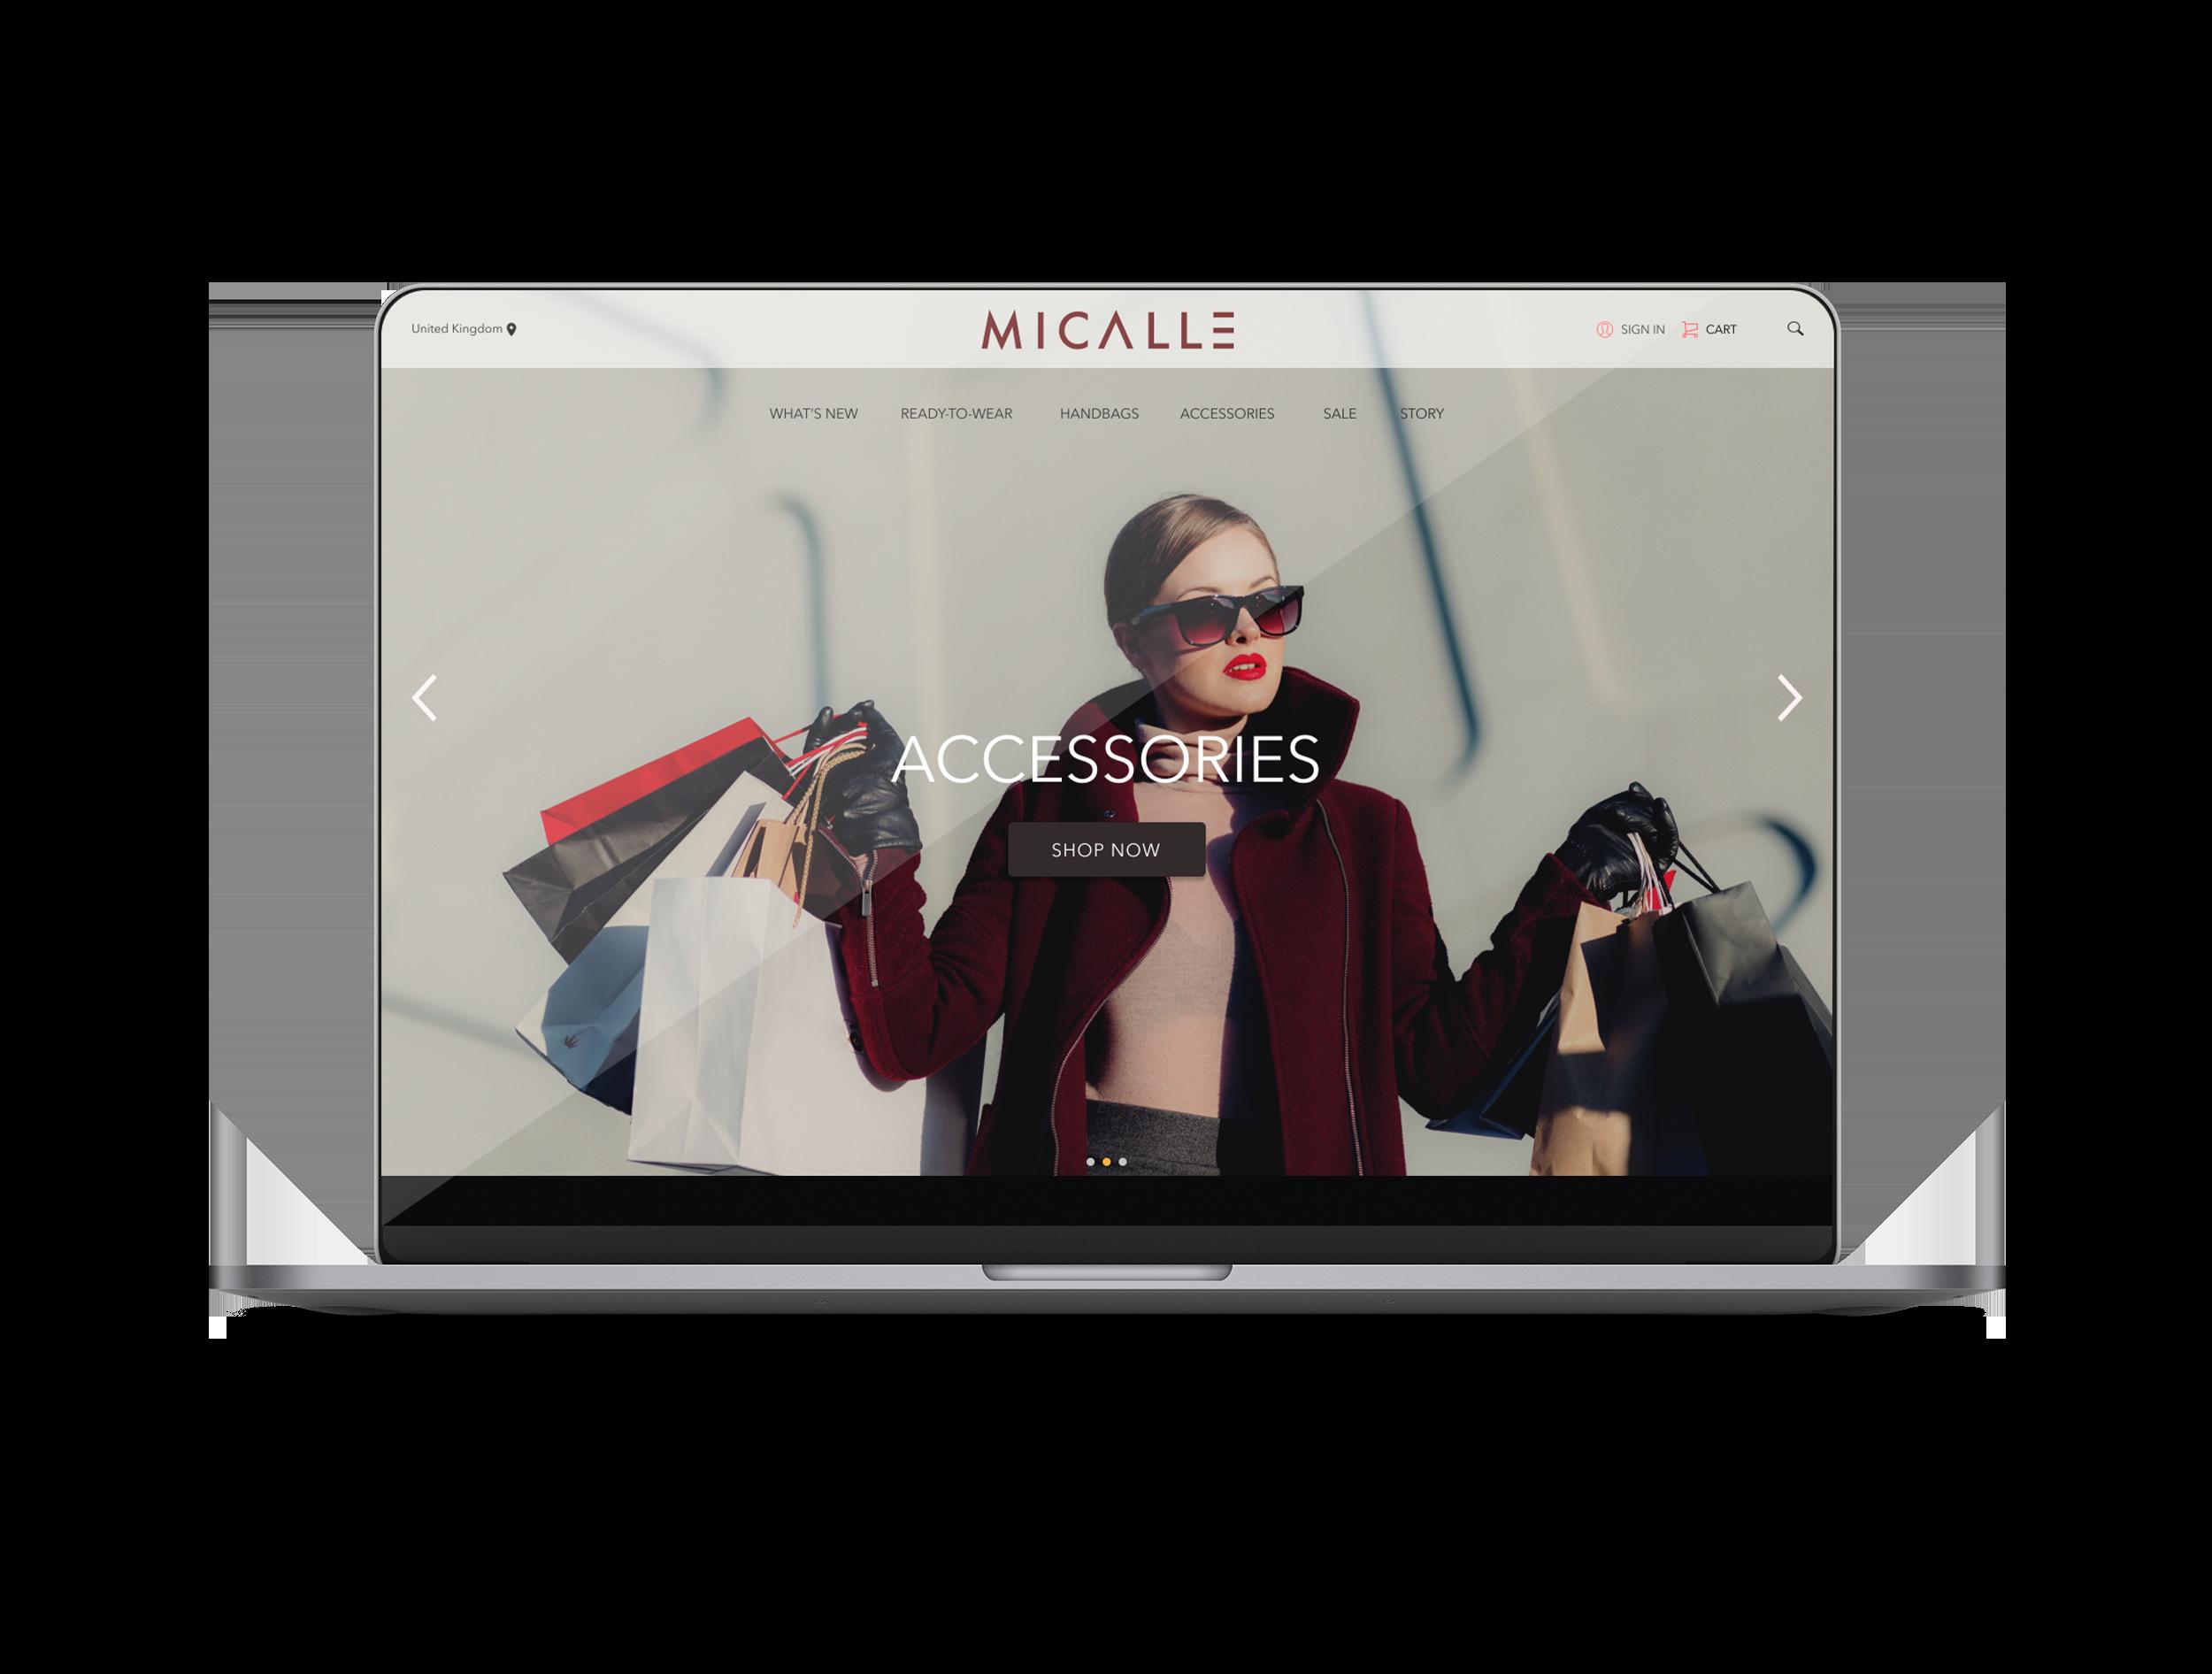 Micalle/Muun Shop - Landing Page